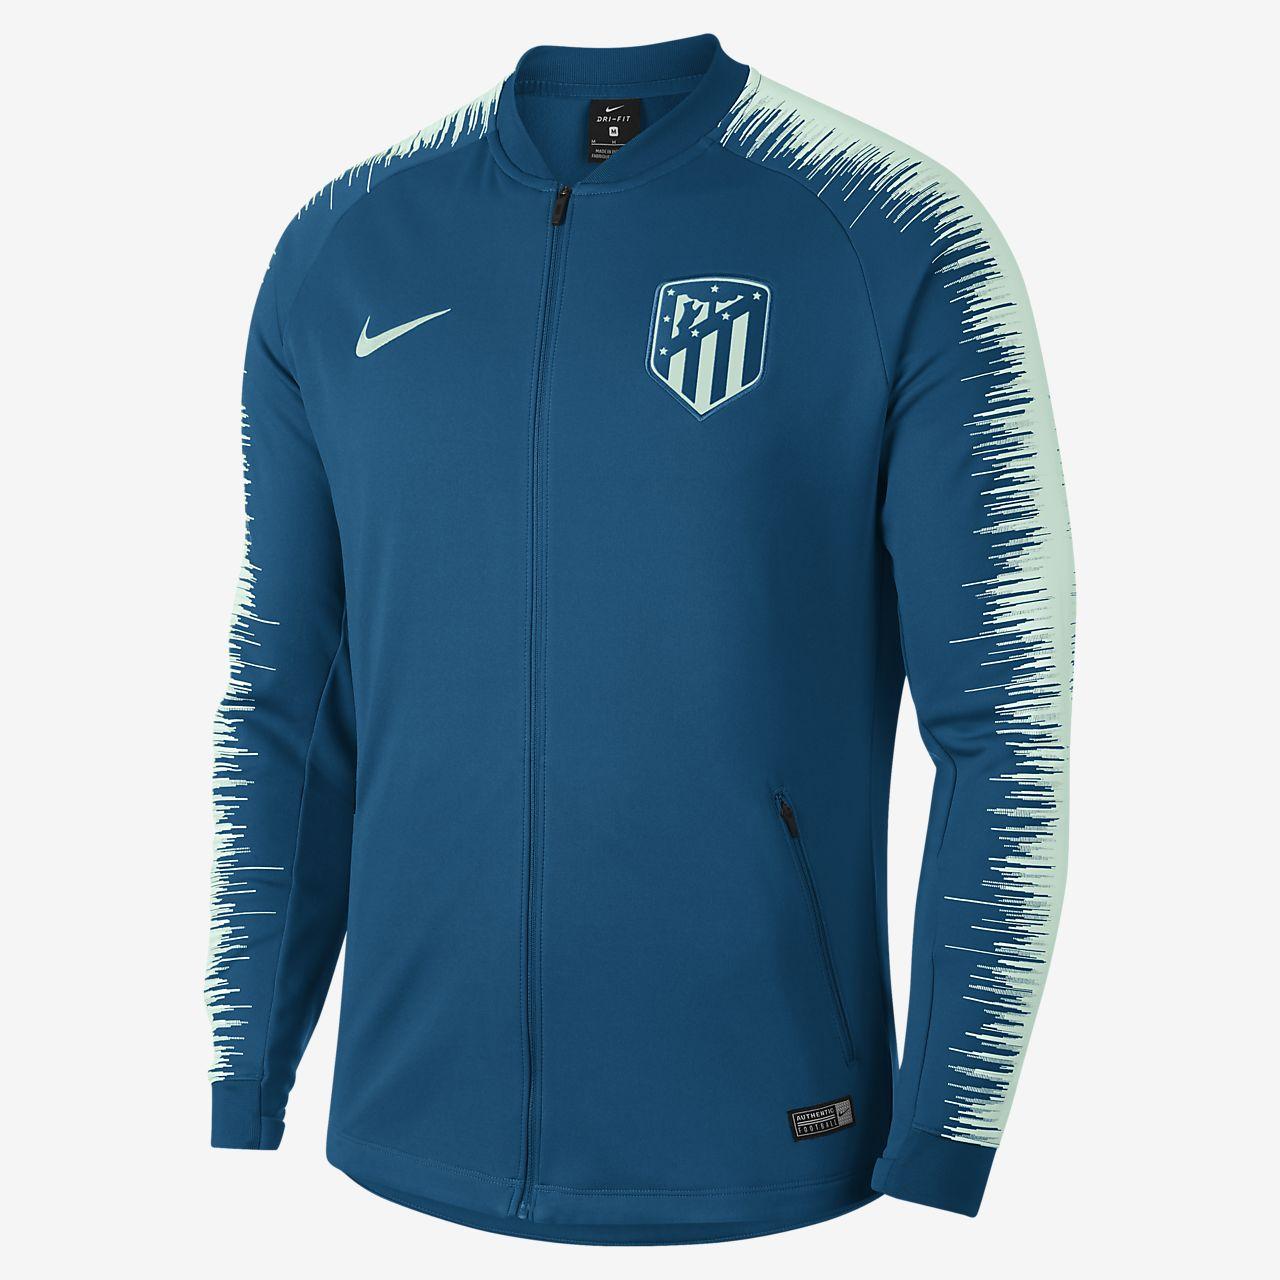 cab83a8f700 Atlético de Madrid Anthem Voetbaljack voor heren. NL nike nederland anthem  jacket